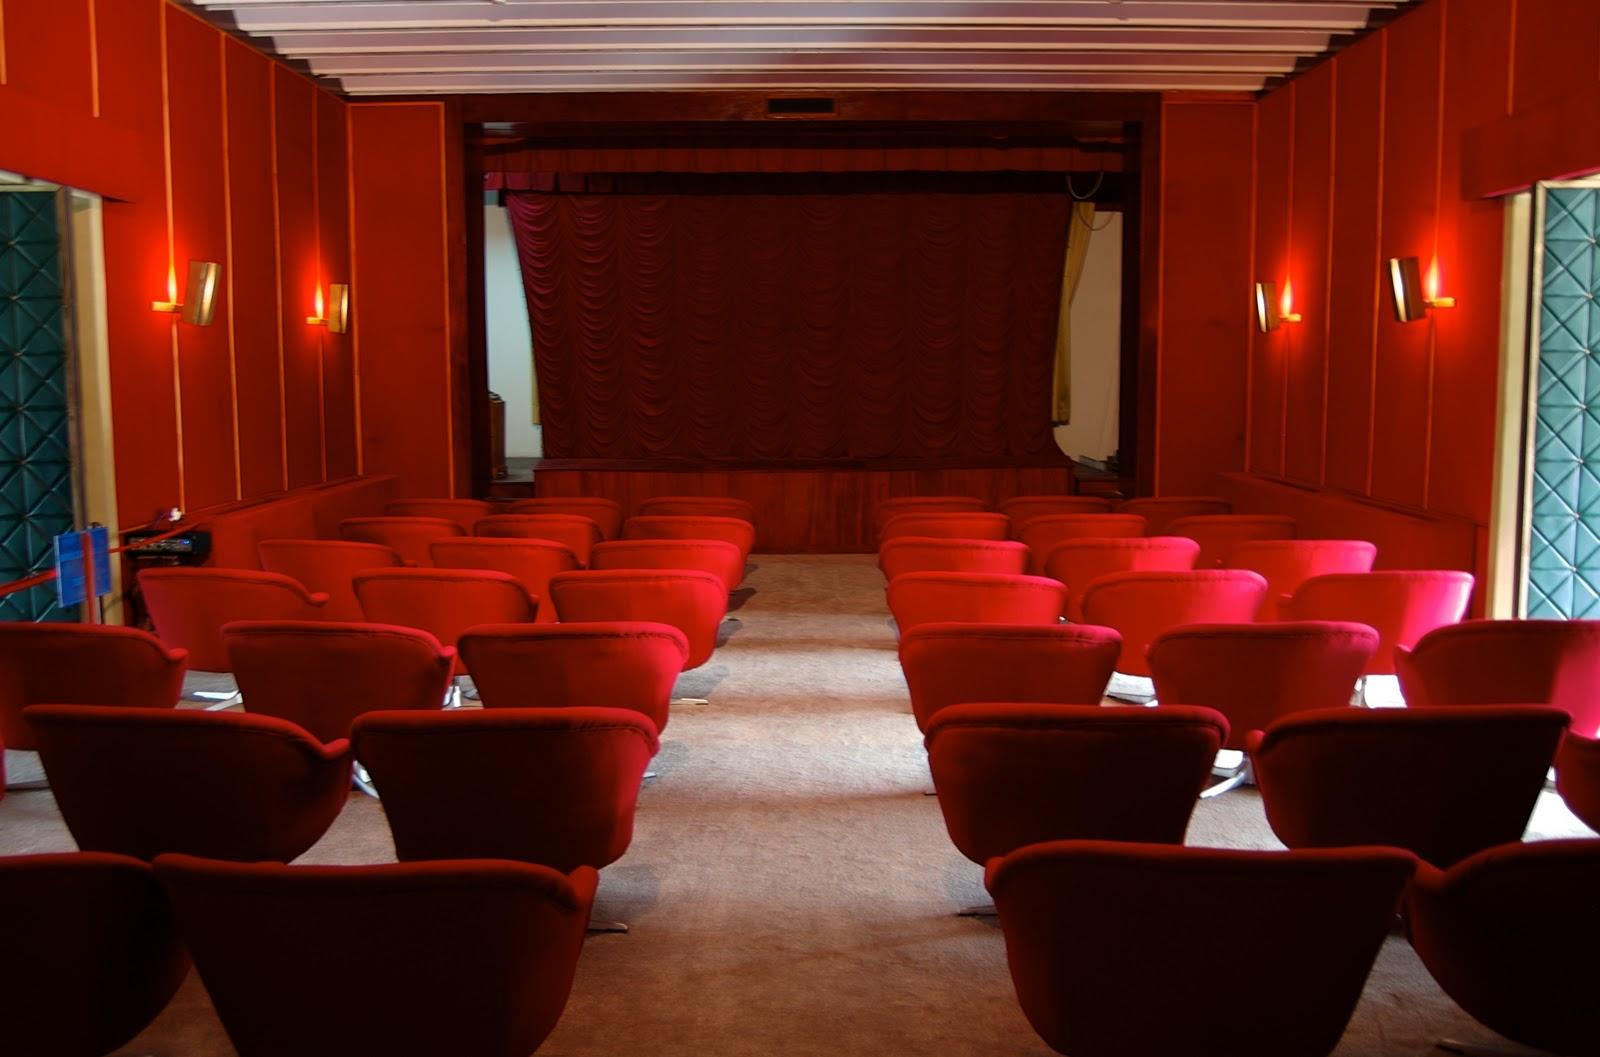 http://4.bp.blogspot.com/_ofOwkvFFhY4/TKTz2xZP4tI/AAAAAAAABmM/pGjn2mfrDr4/s1600/movie%2Btheater.jpg